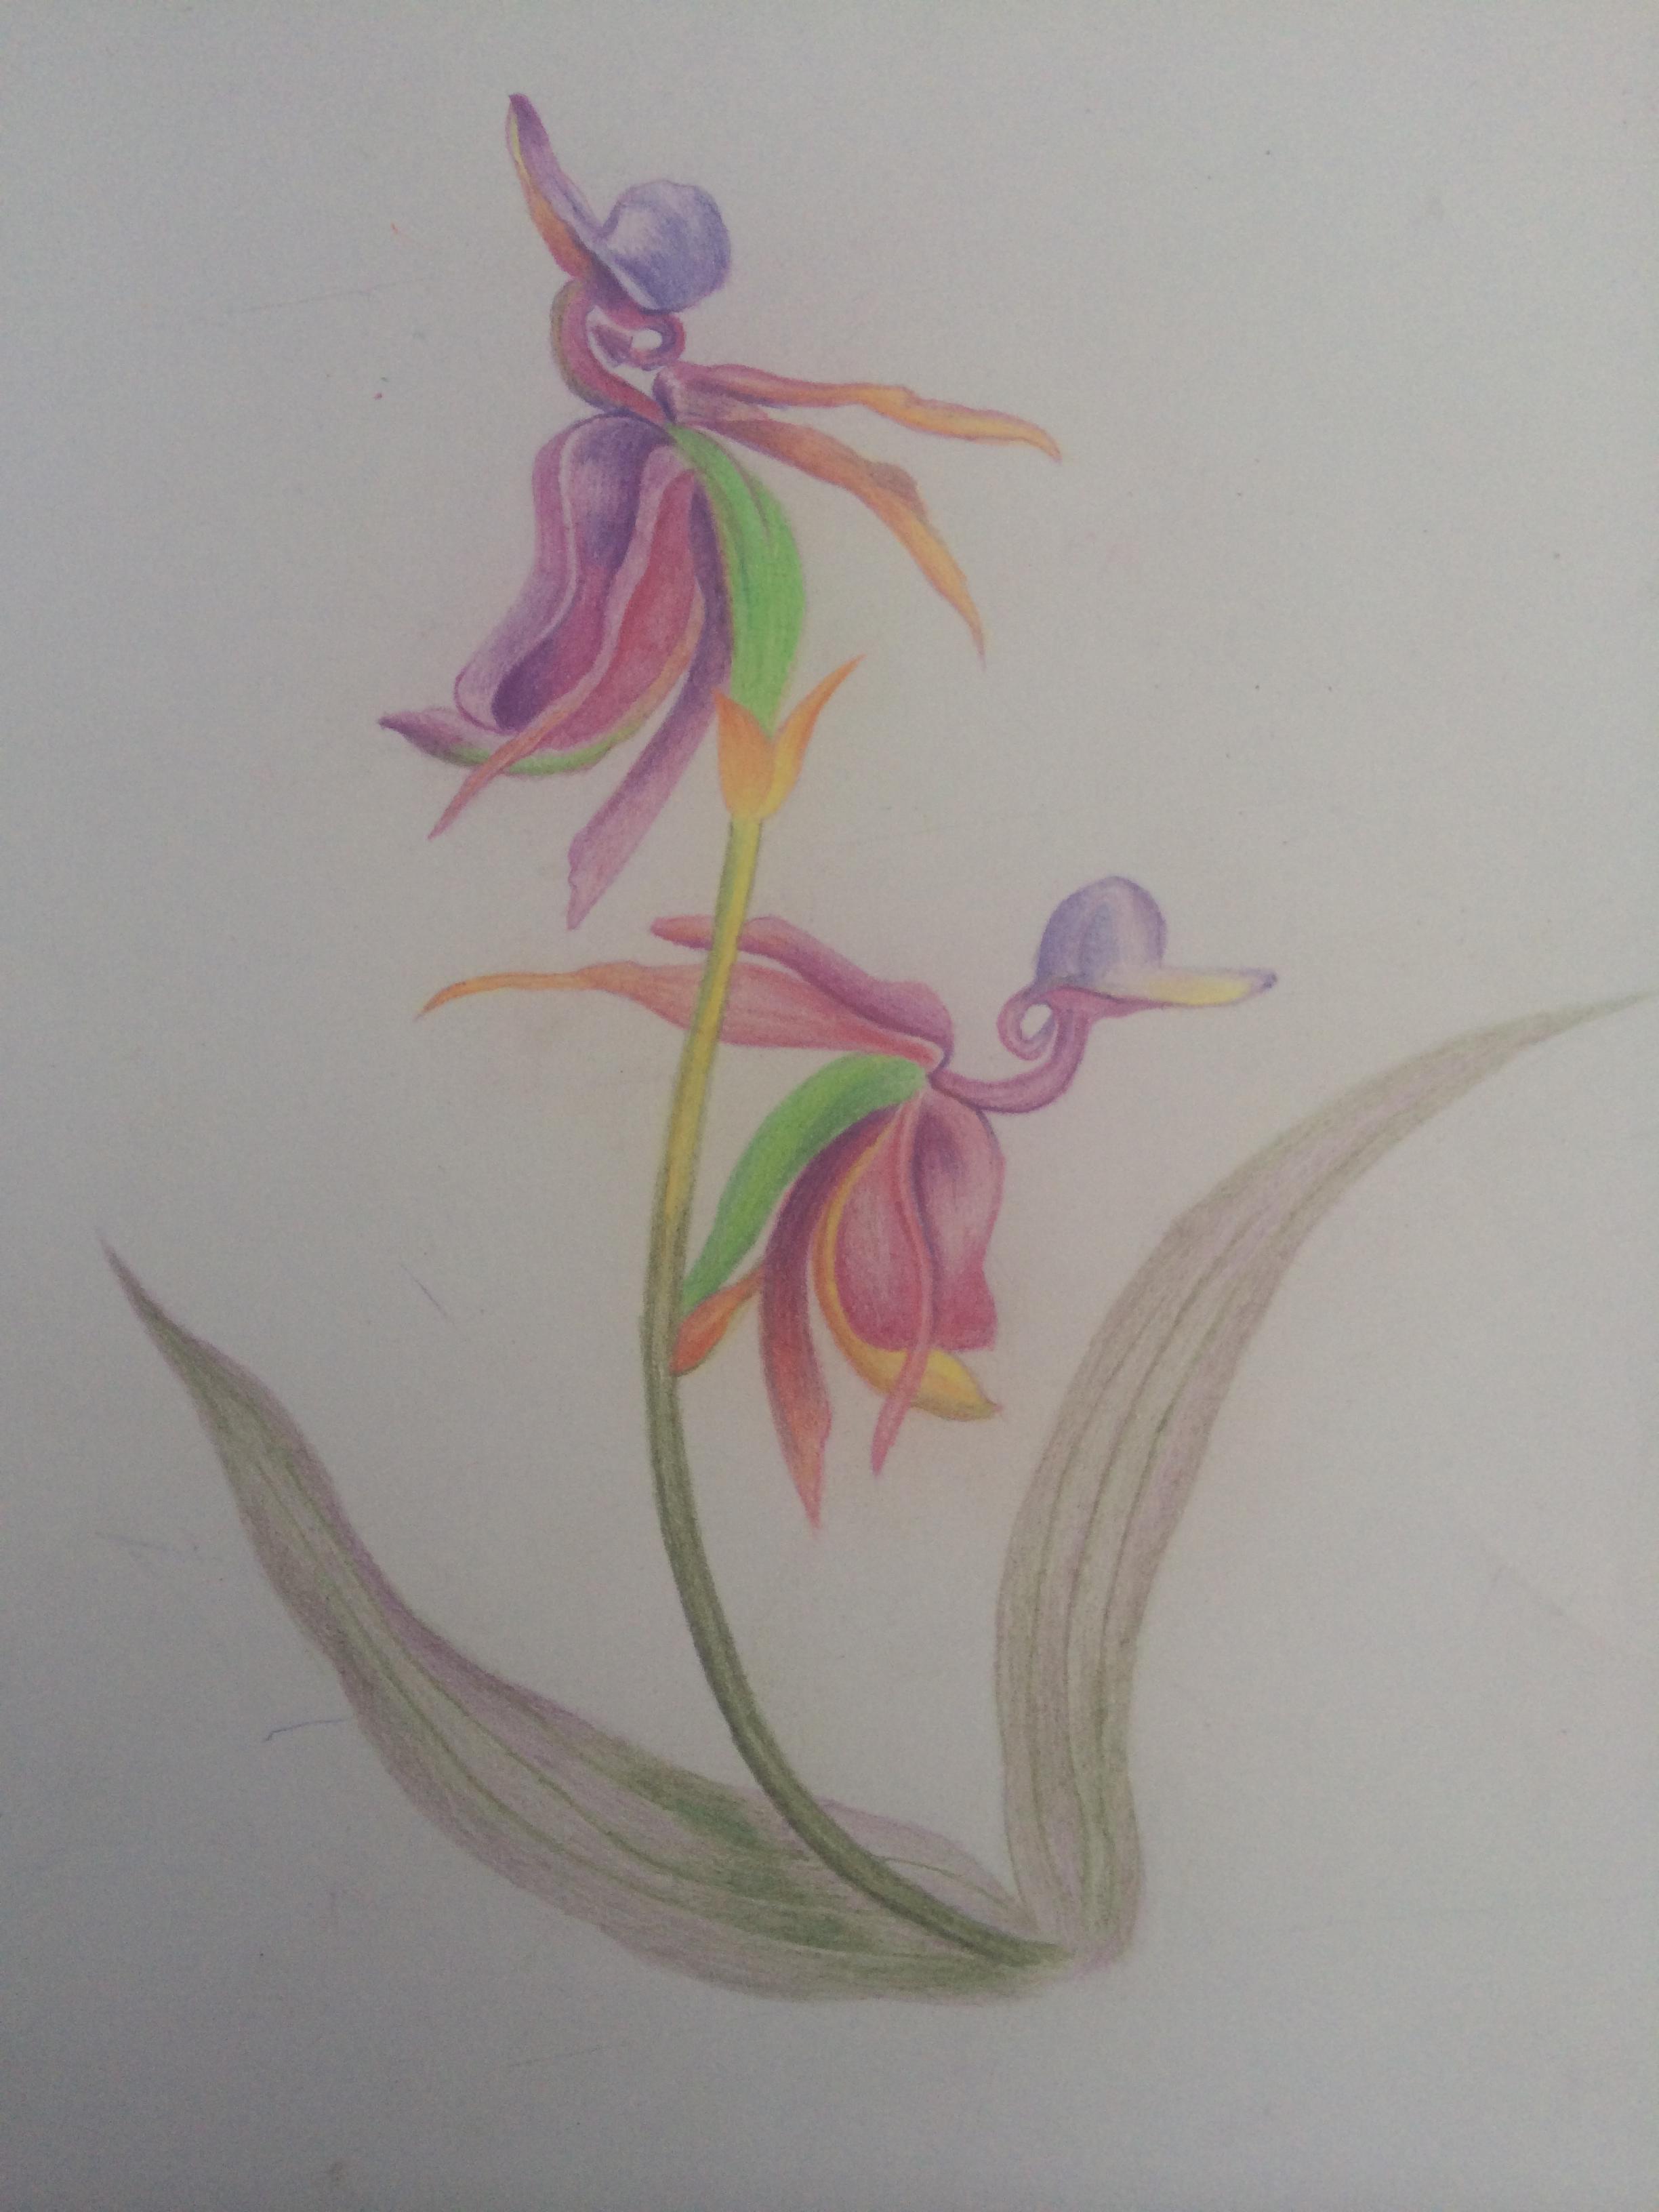 彩铅手绘花卉